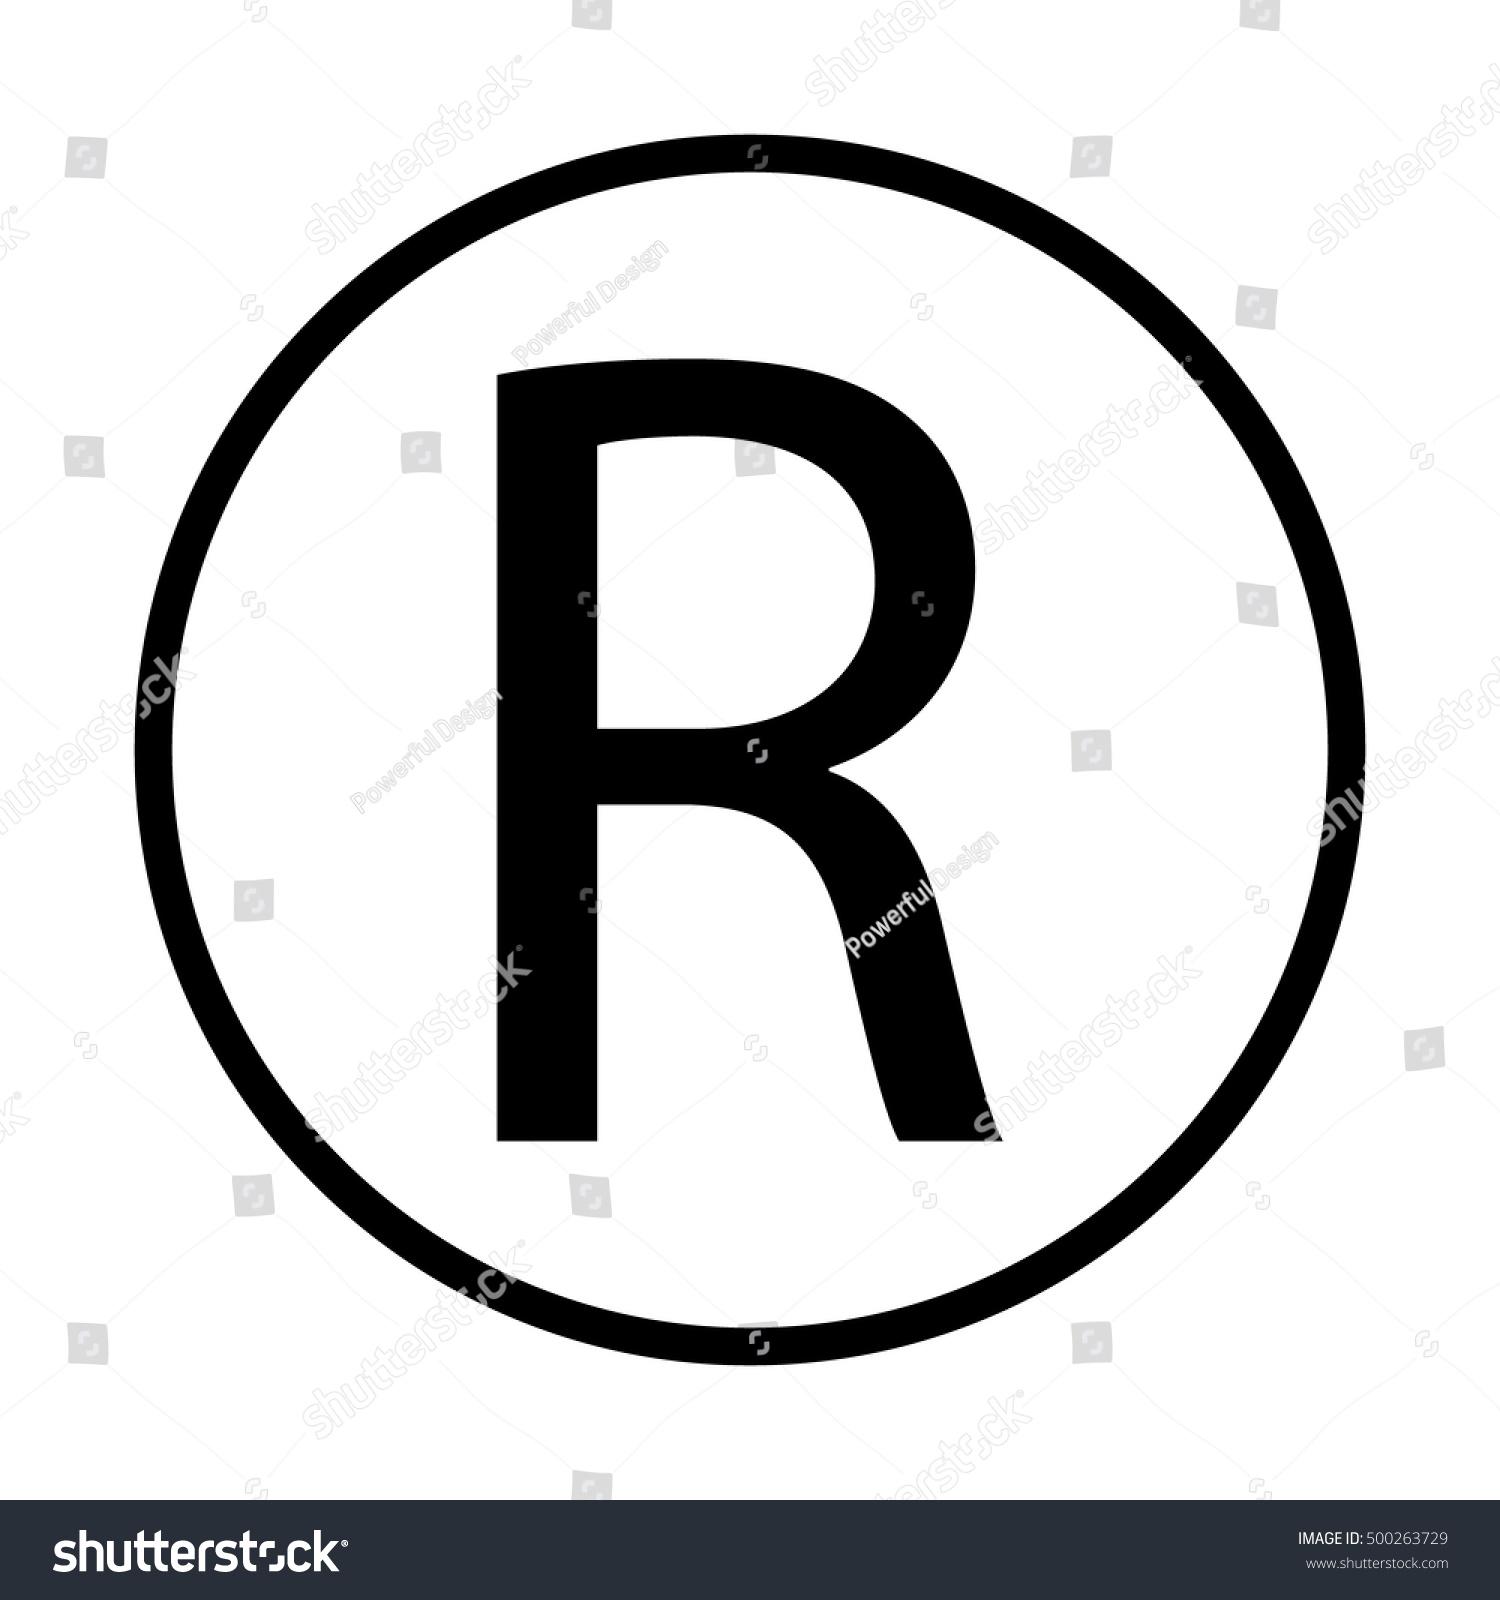 Registered trademark symbol stock vector 500263729 shutterstock registered trademark symbol biocorpaavc Gallery